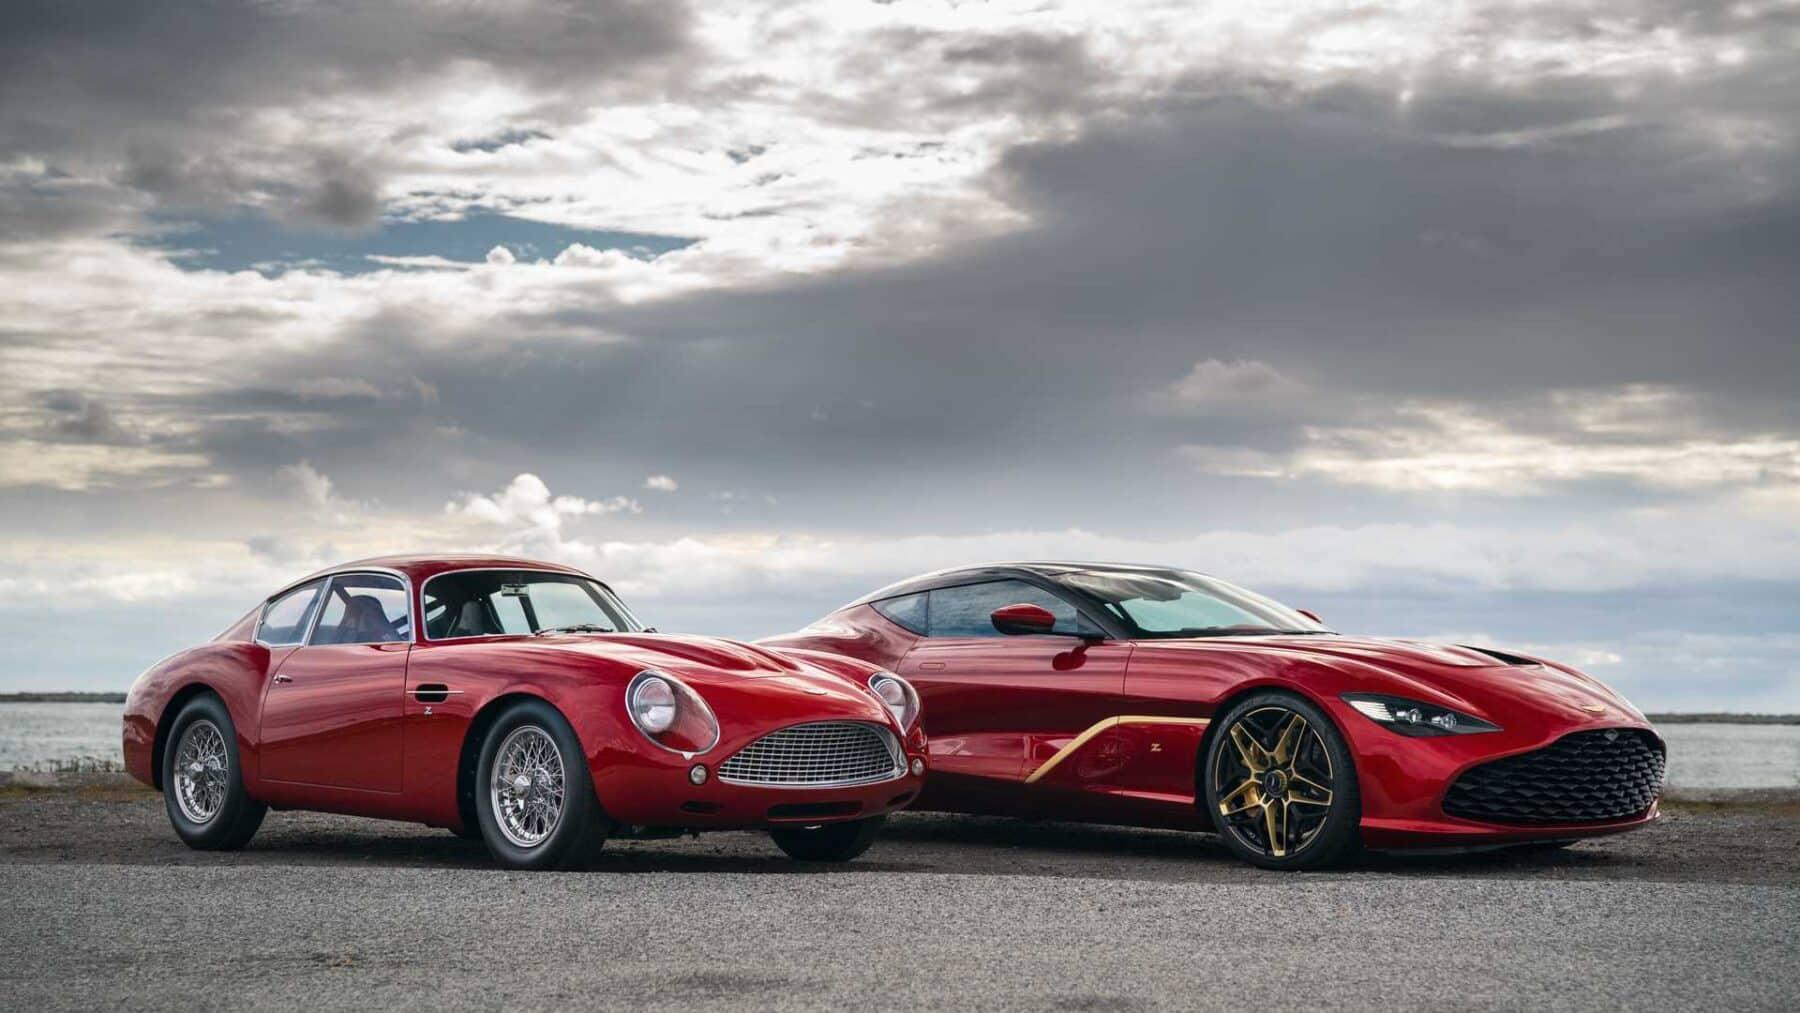 Nuevas Imagenes Del Aston Martin Dbs Gt Zagato Al Natural Simplemente Espectacular